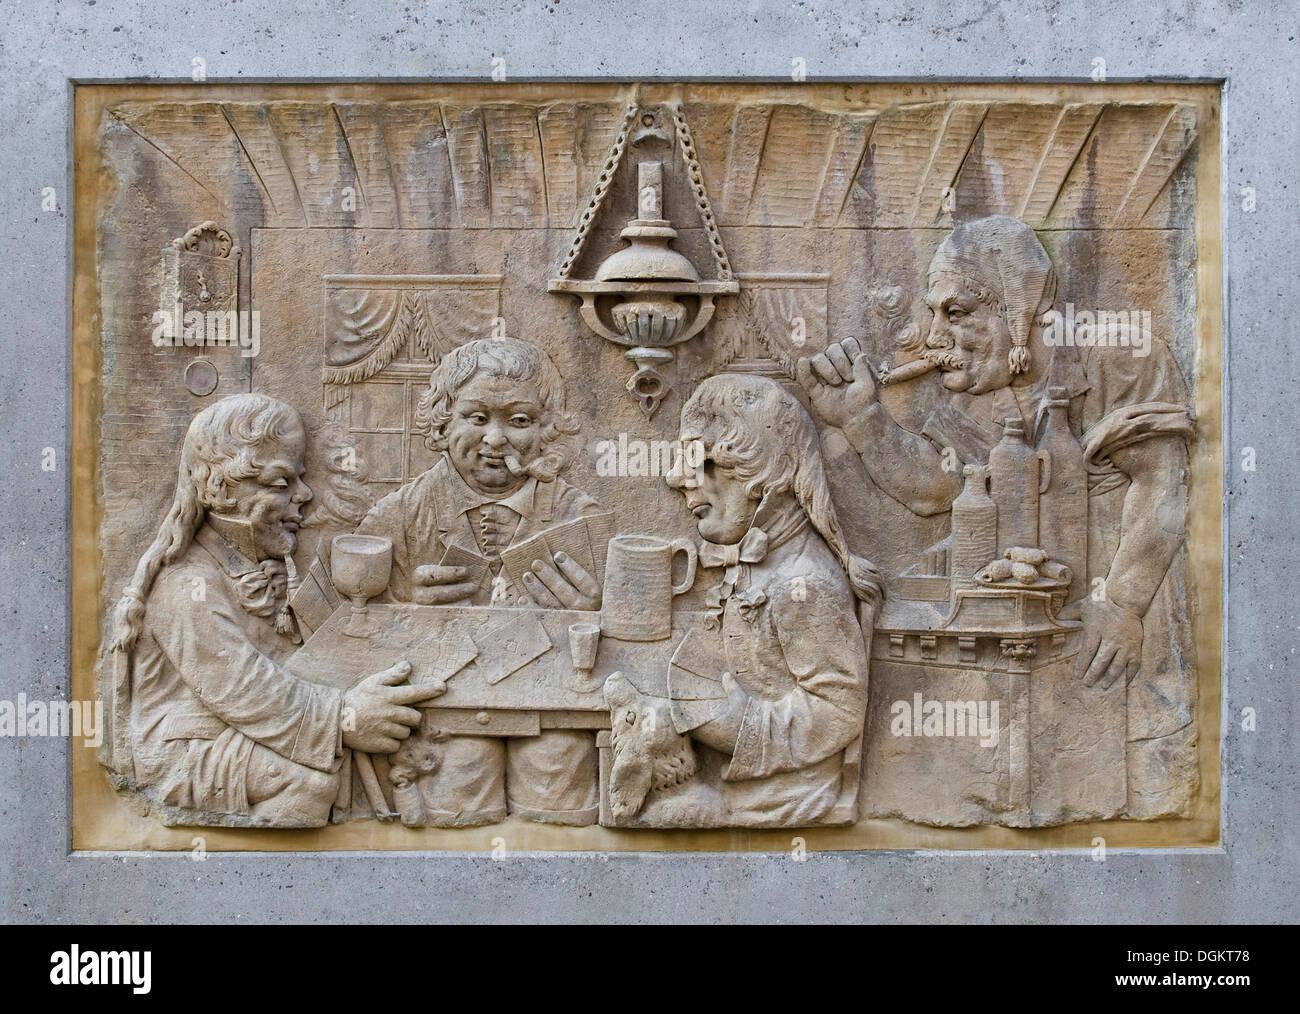 Steinbildhauen, drei glückliche Kartenspieler und Mäzen in einer Taverne, Koblenz, Rheinland-Pfalz Stockbild